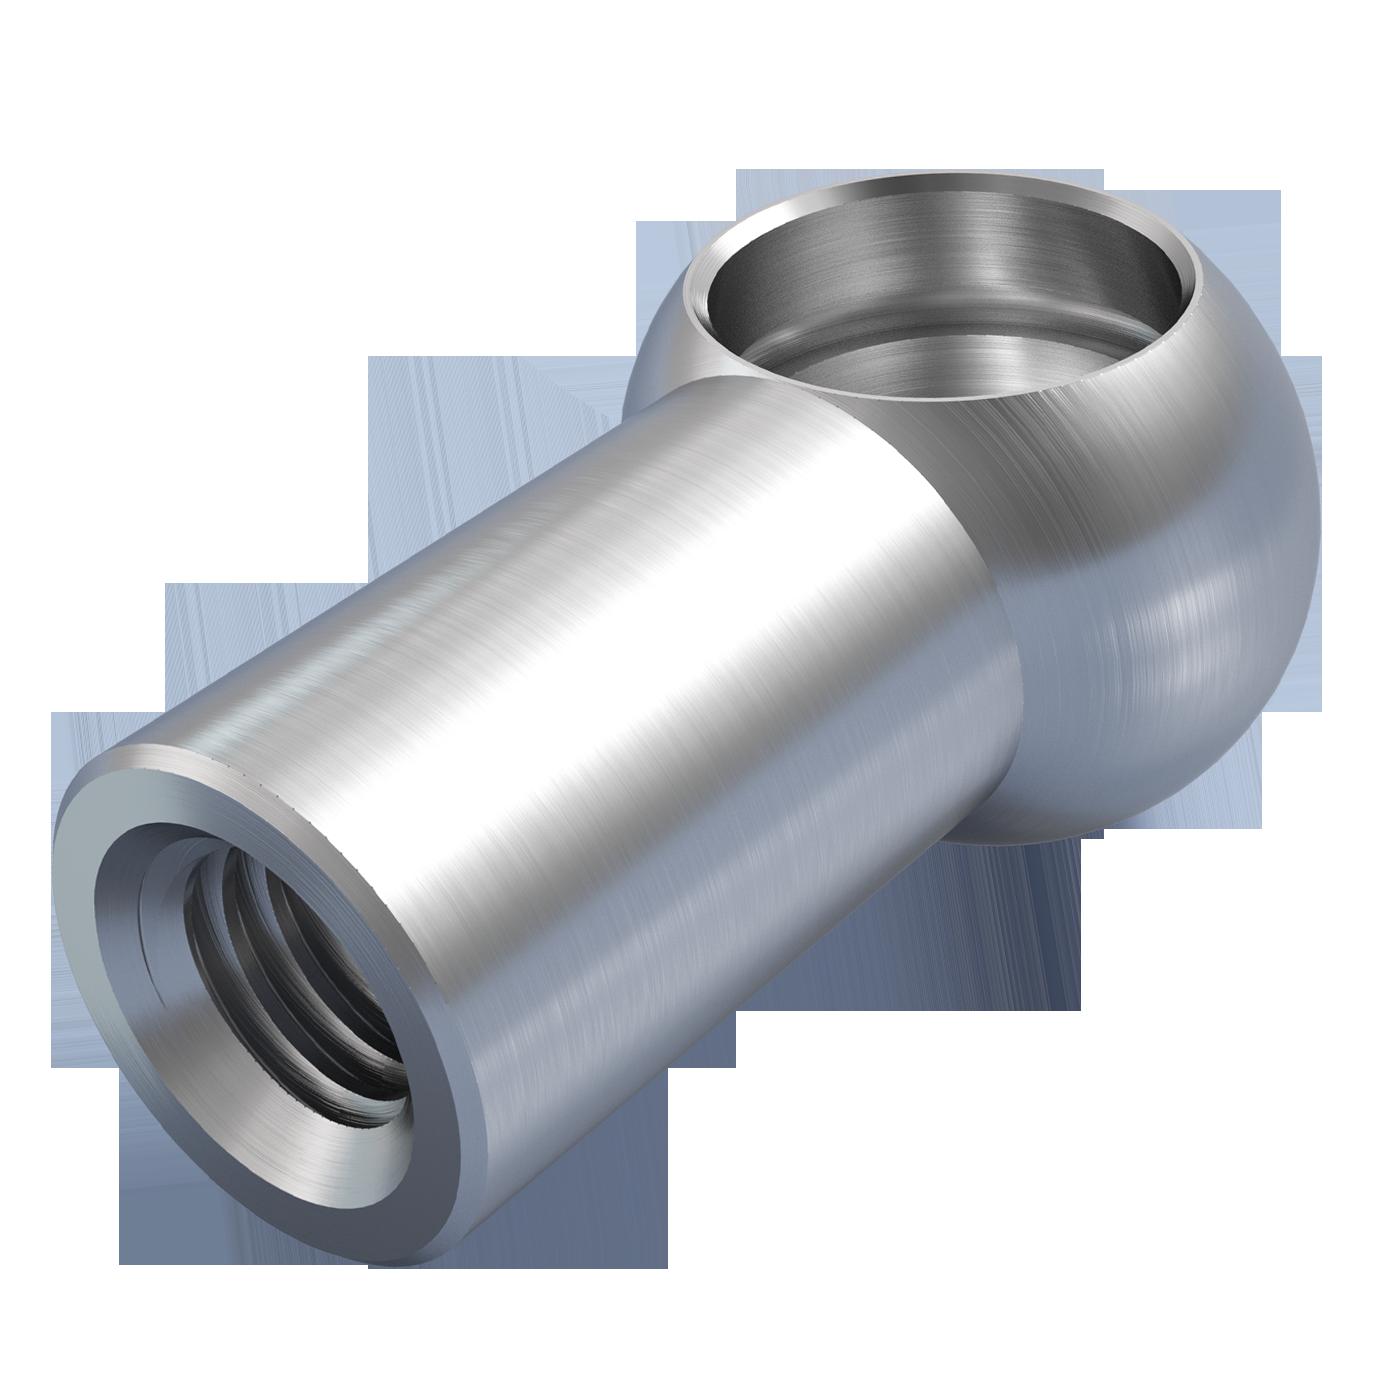 mbo Oßwald ist Produzent von Kugelpfannen, Kugelpfanne nach DIN 71805 Form A mit Sprengring. Verarbeitet werden Stahl und Edelstahl 1.4305 bzw. A4 Qualität 1.4404.